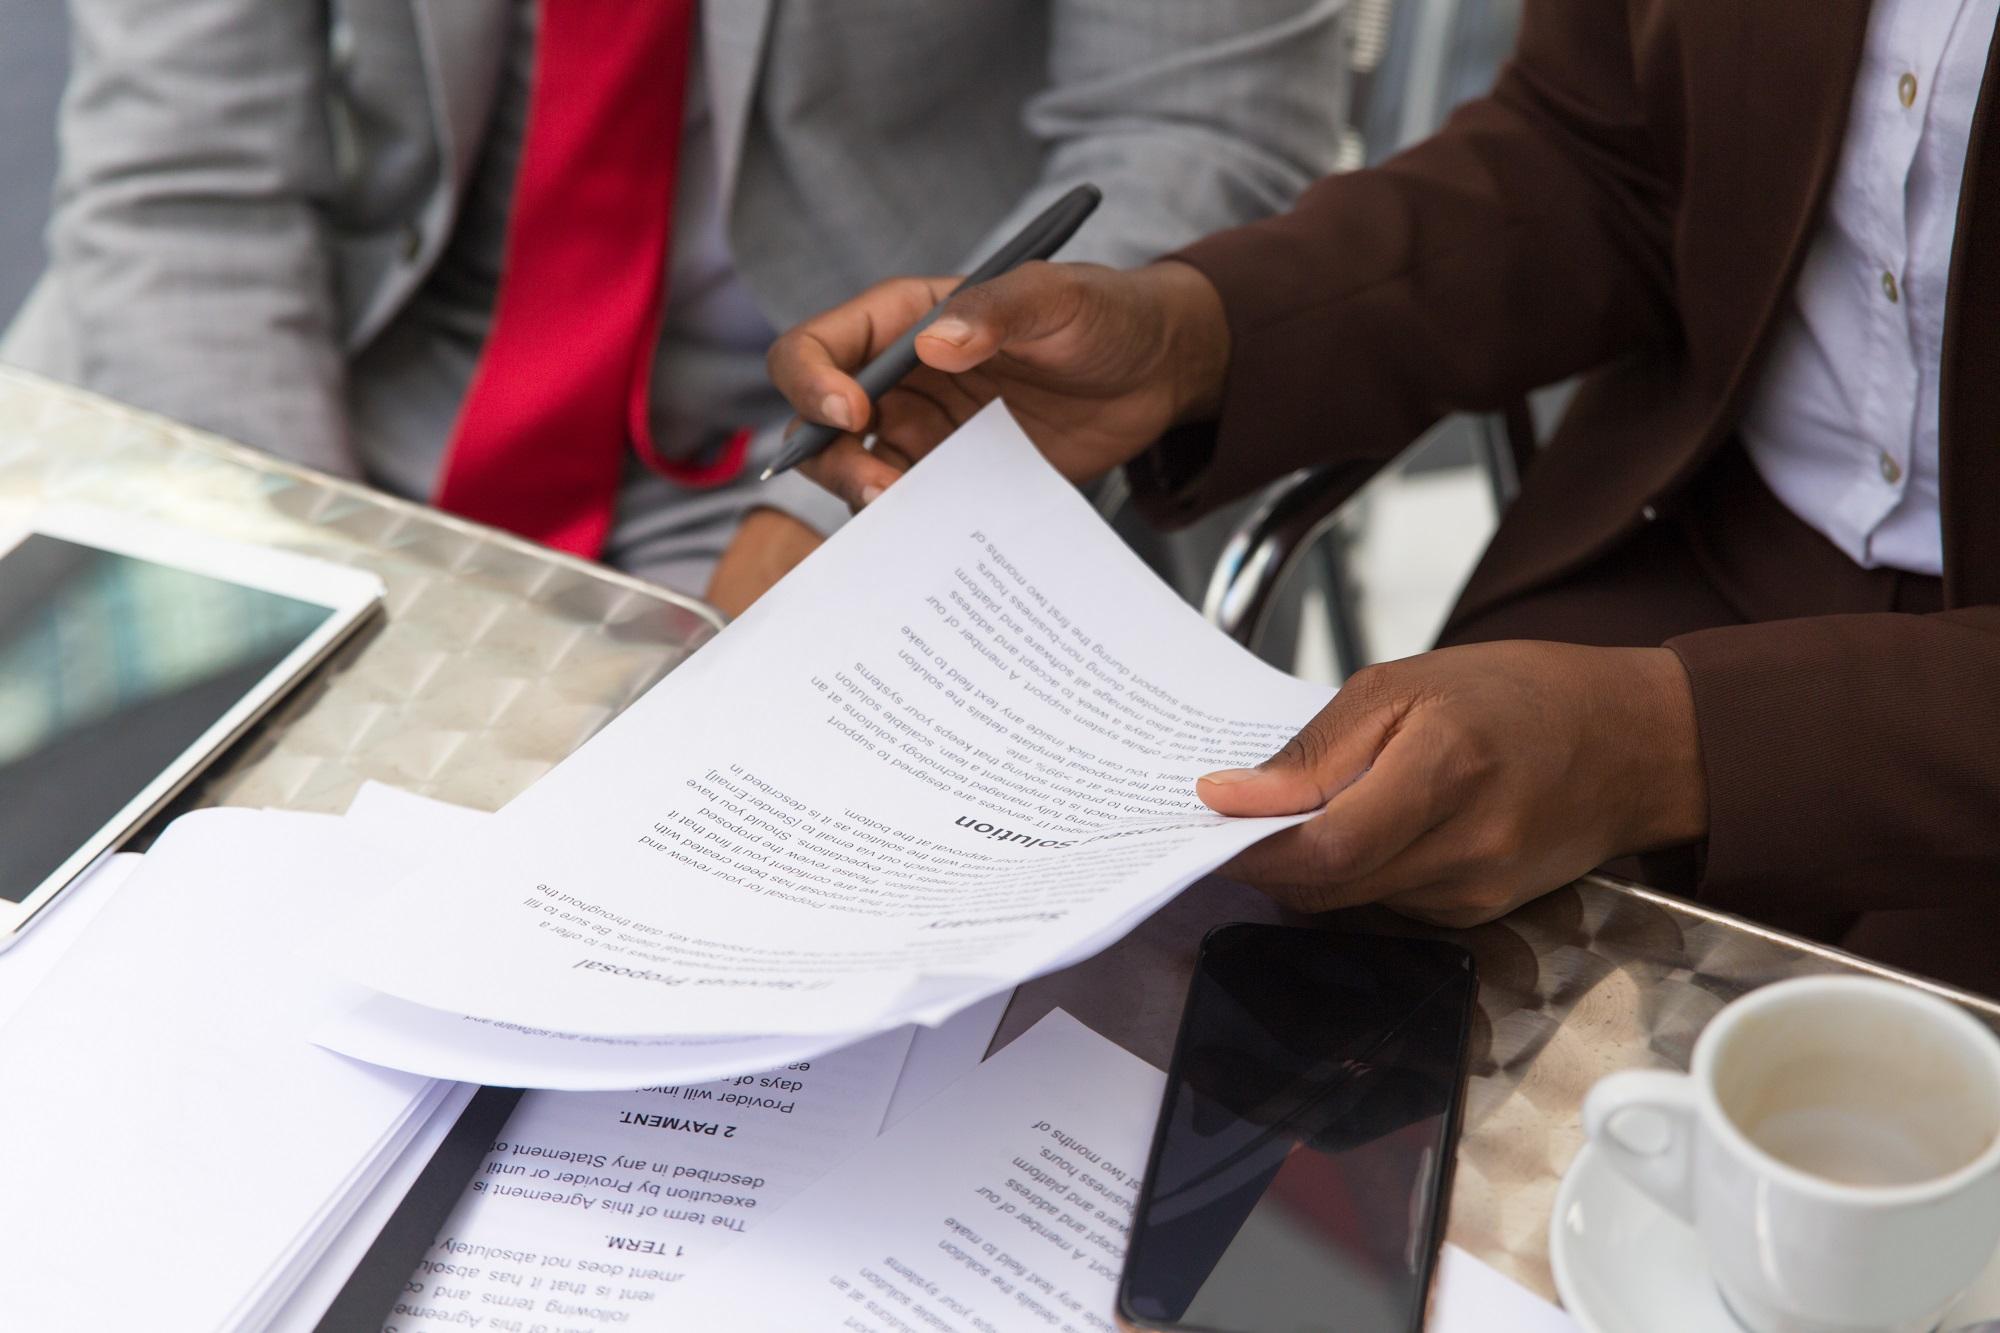 Contrato de confidencialidade: no que devo prestar atenção?